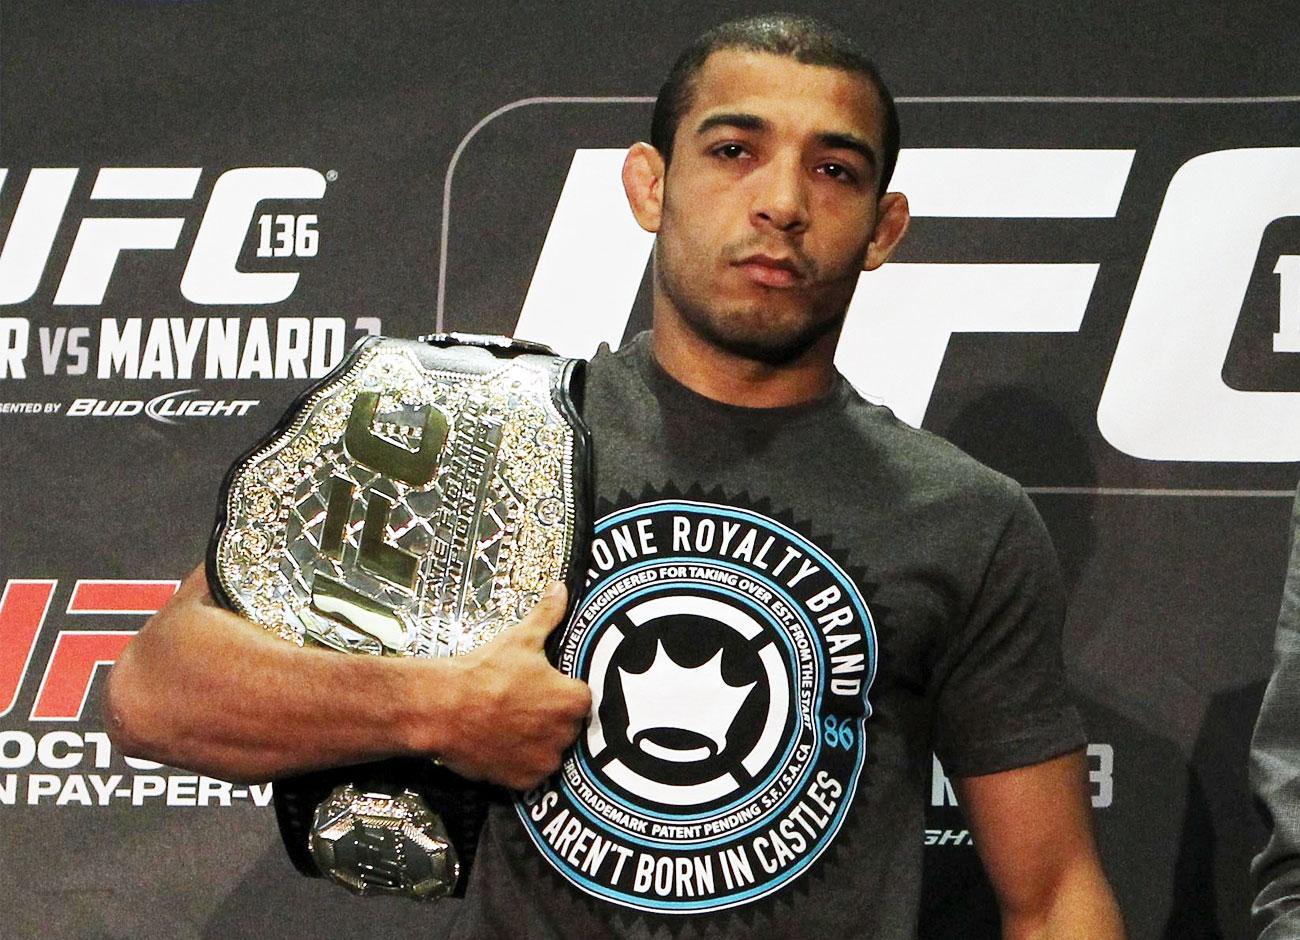 José Aldo sai desfigurado, mas mantém cinturão do UFC | Folha ...